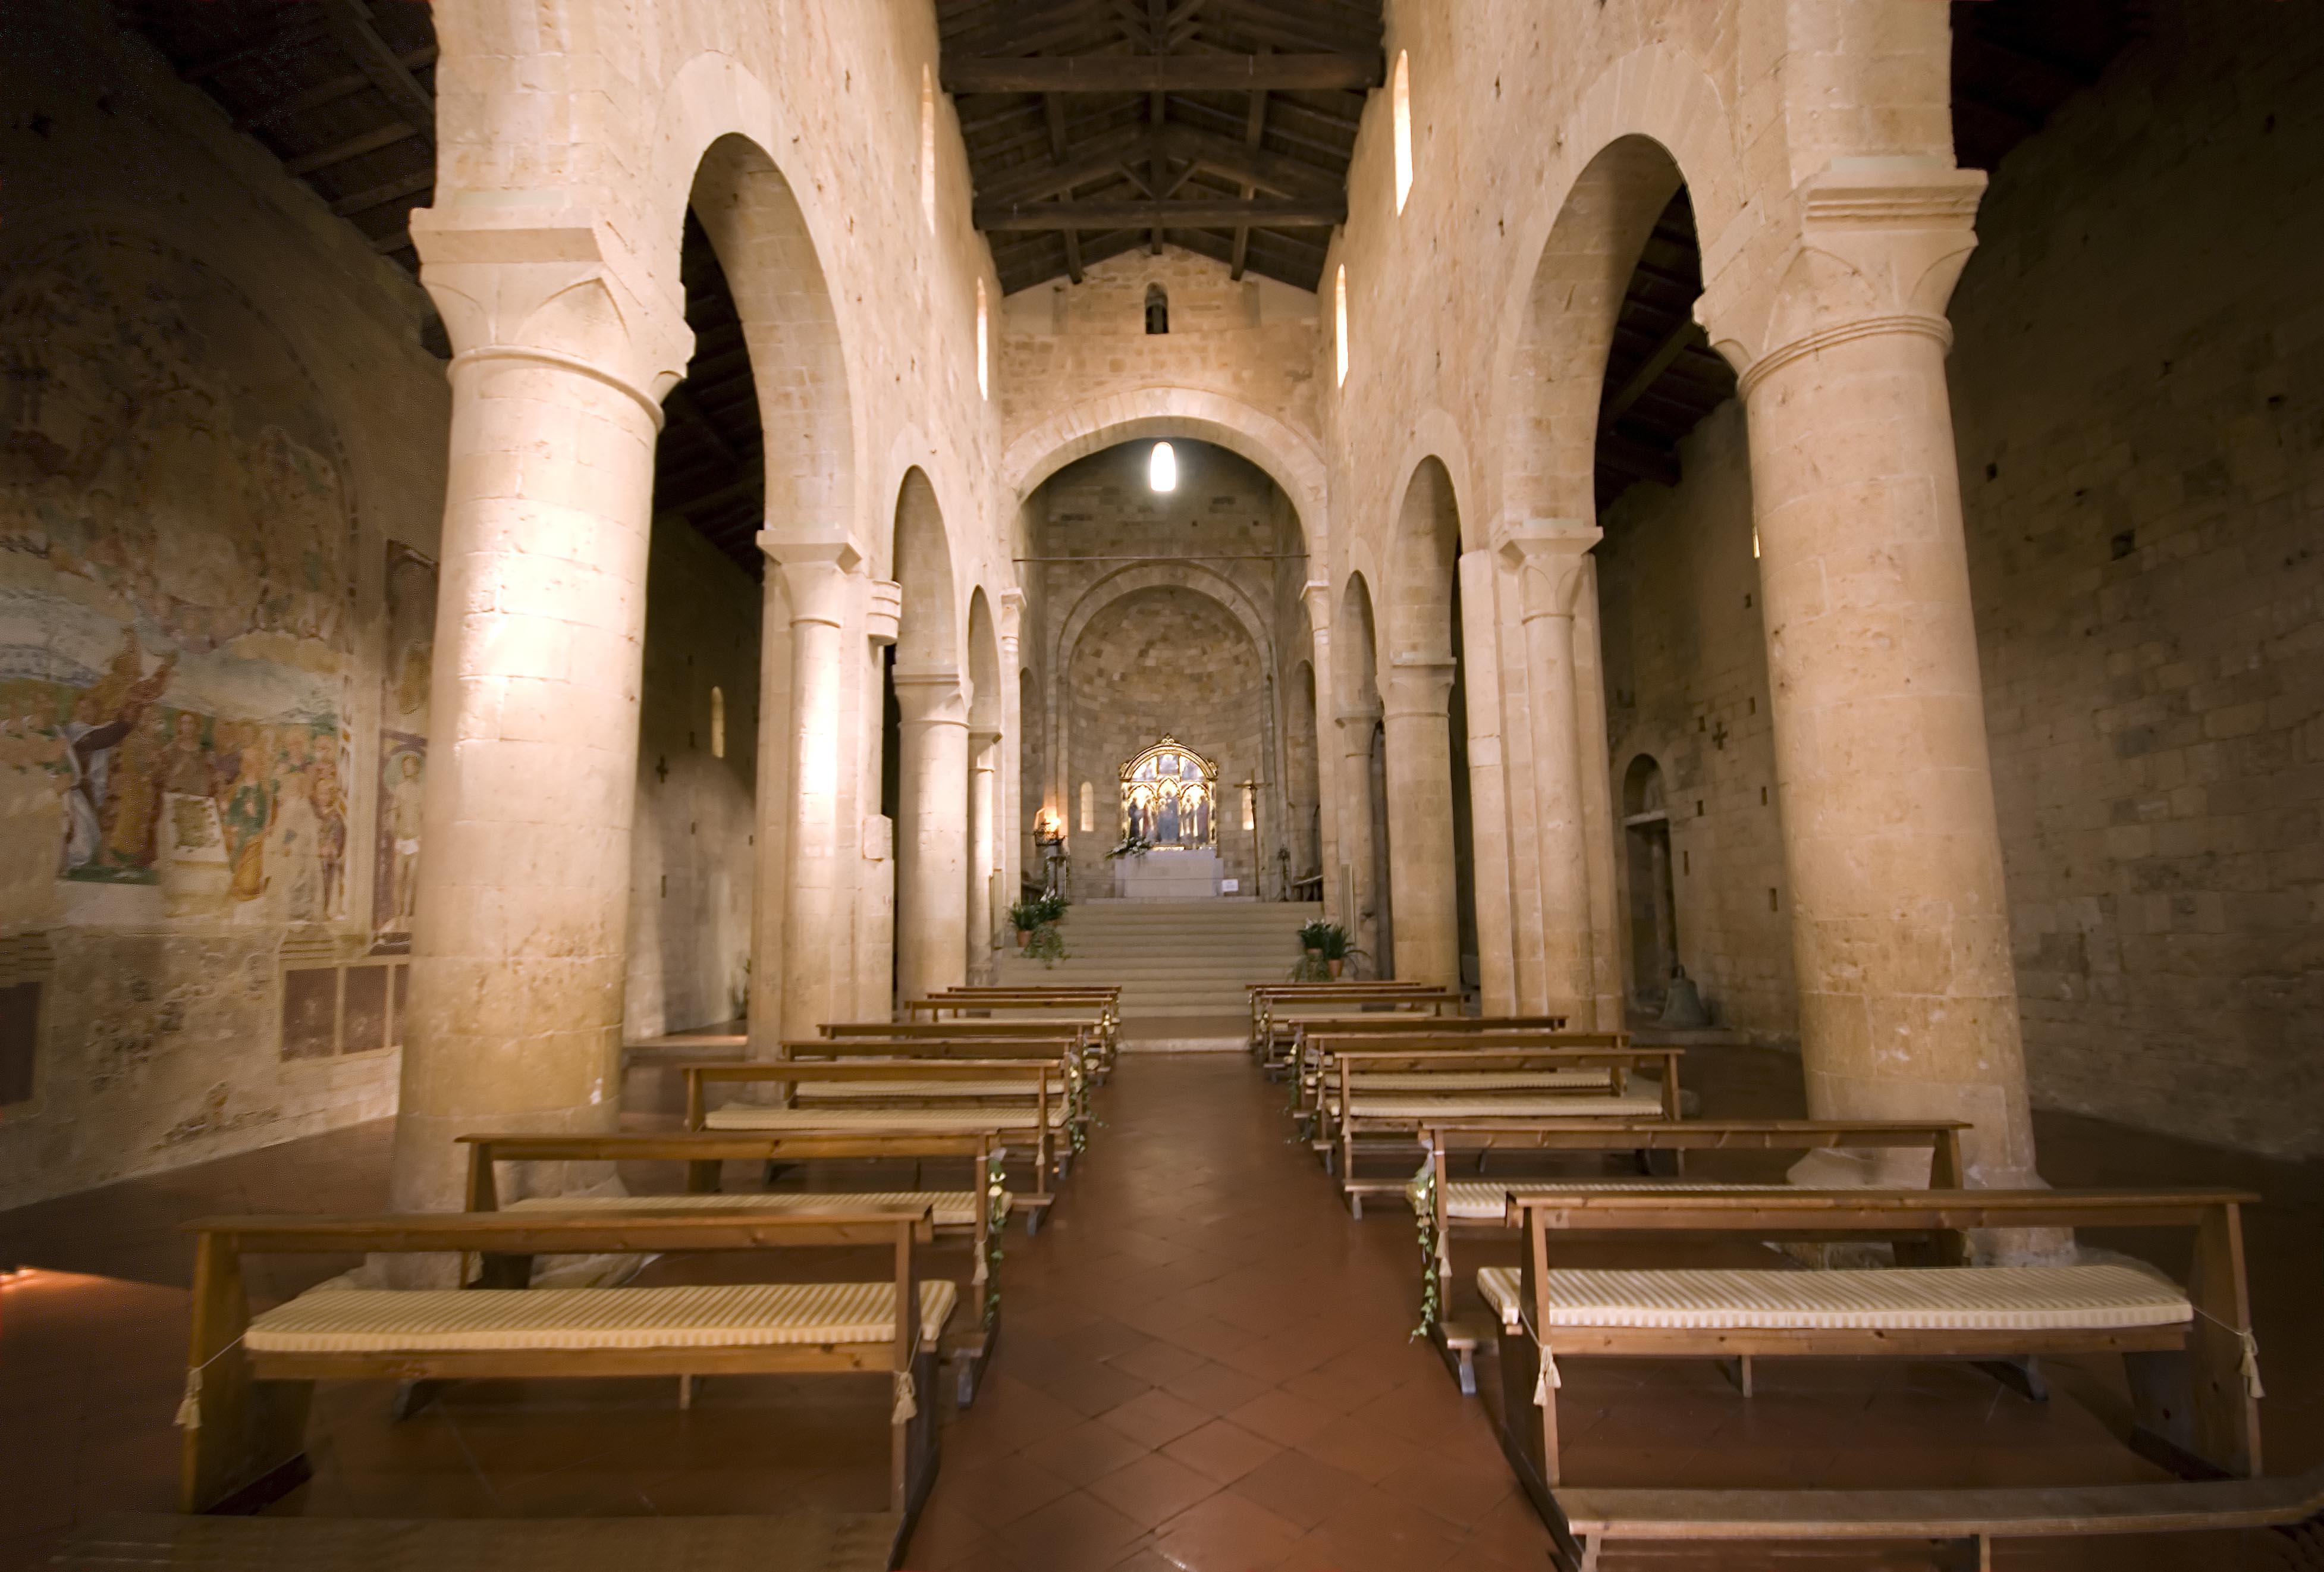 Badia dei Santi Salvatore e Cirino (Abbadia Isola), Interiore